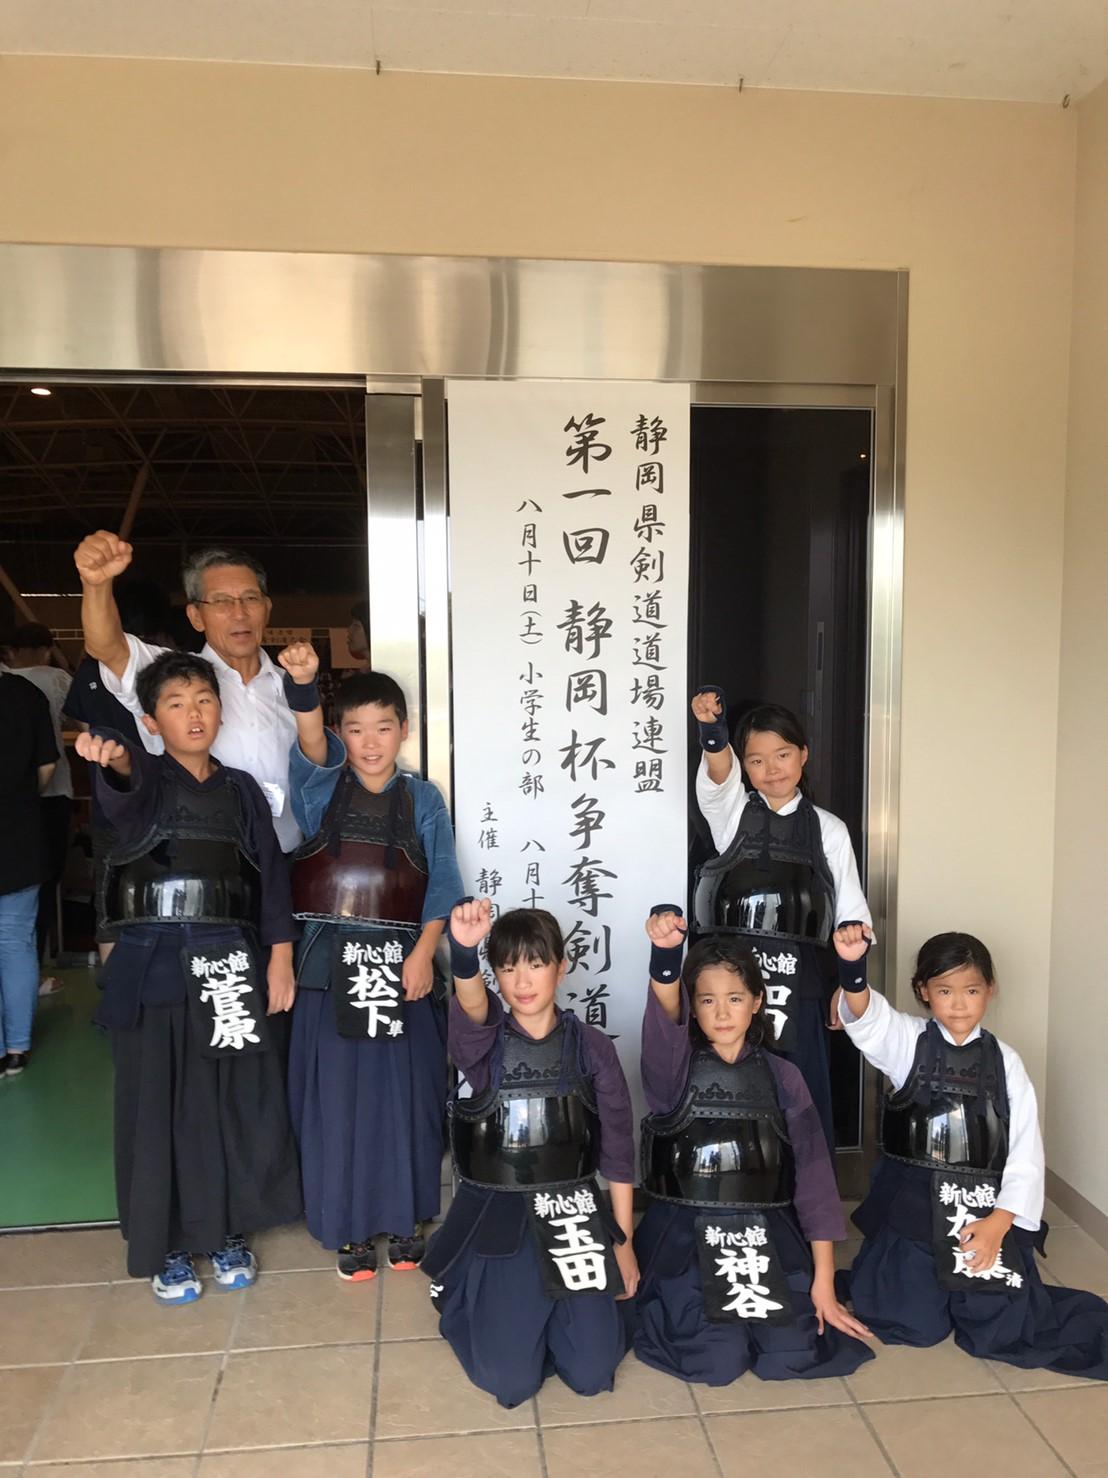 静岡杯争奪剣道大会